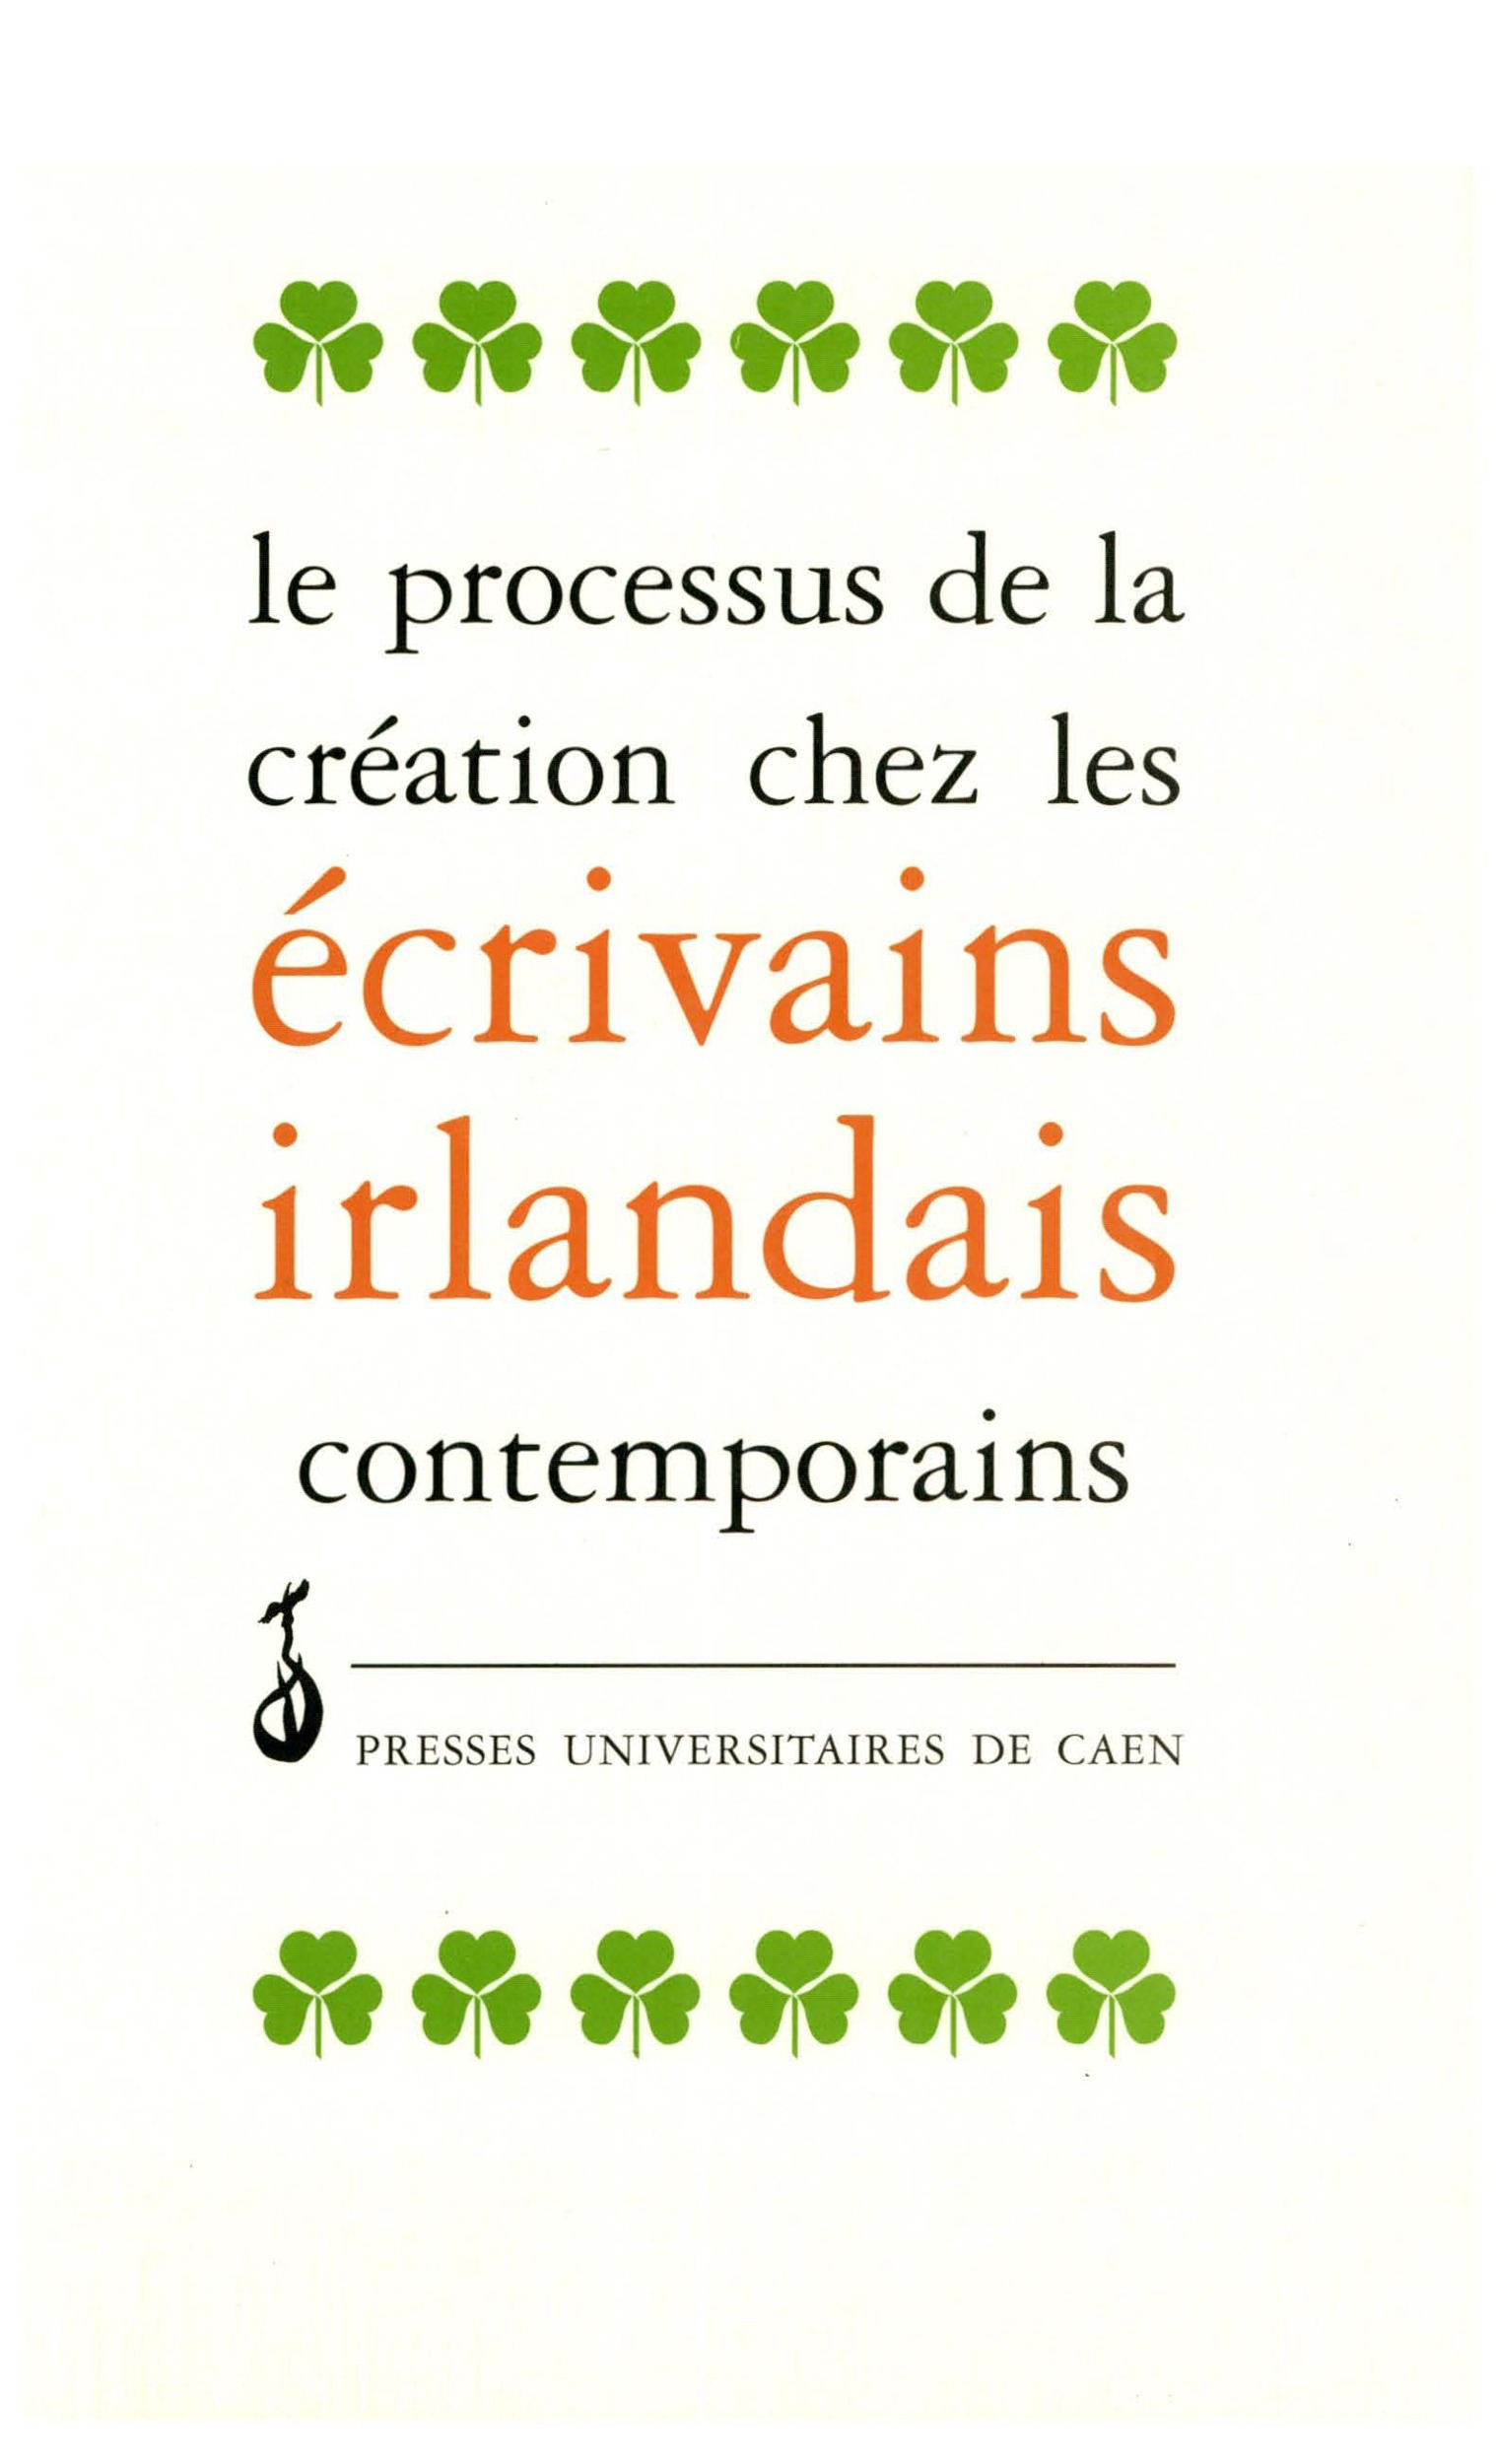 Le processus de la creation chez les ecrivains irlandais contemporains - actes du colloque de caen,